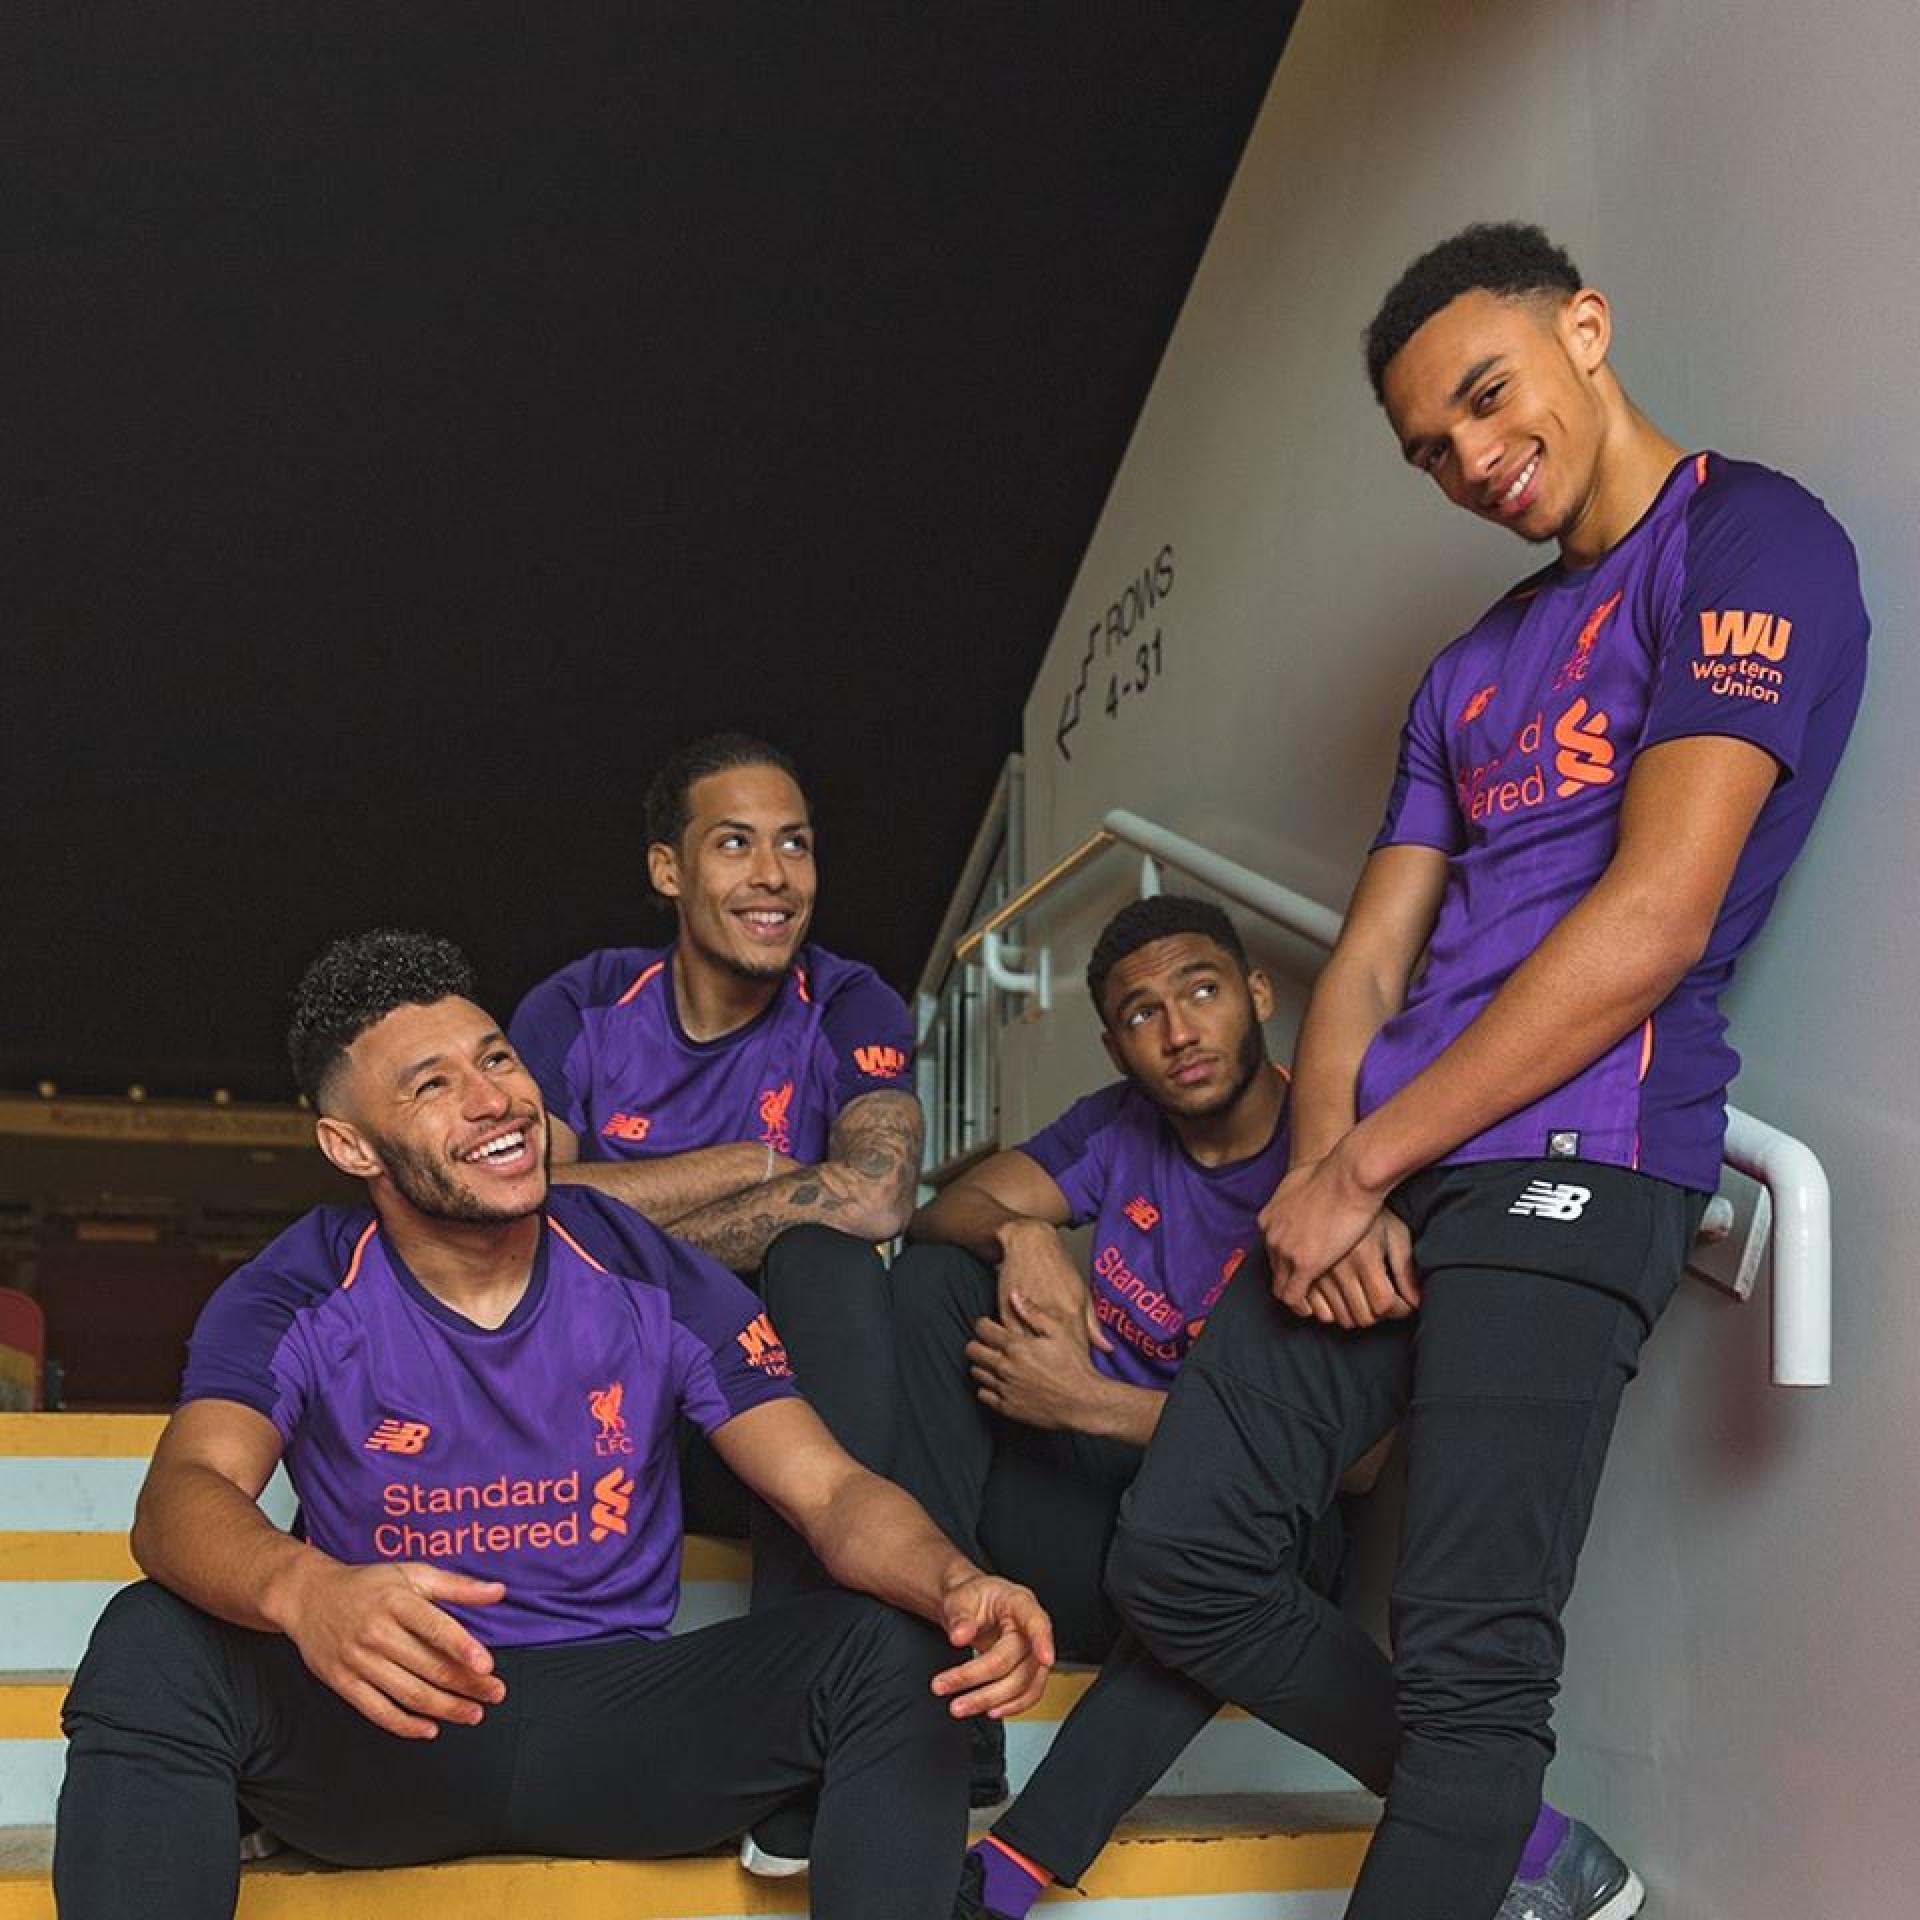 Liverpool apresenta novo equipamento em tons de... roxo